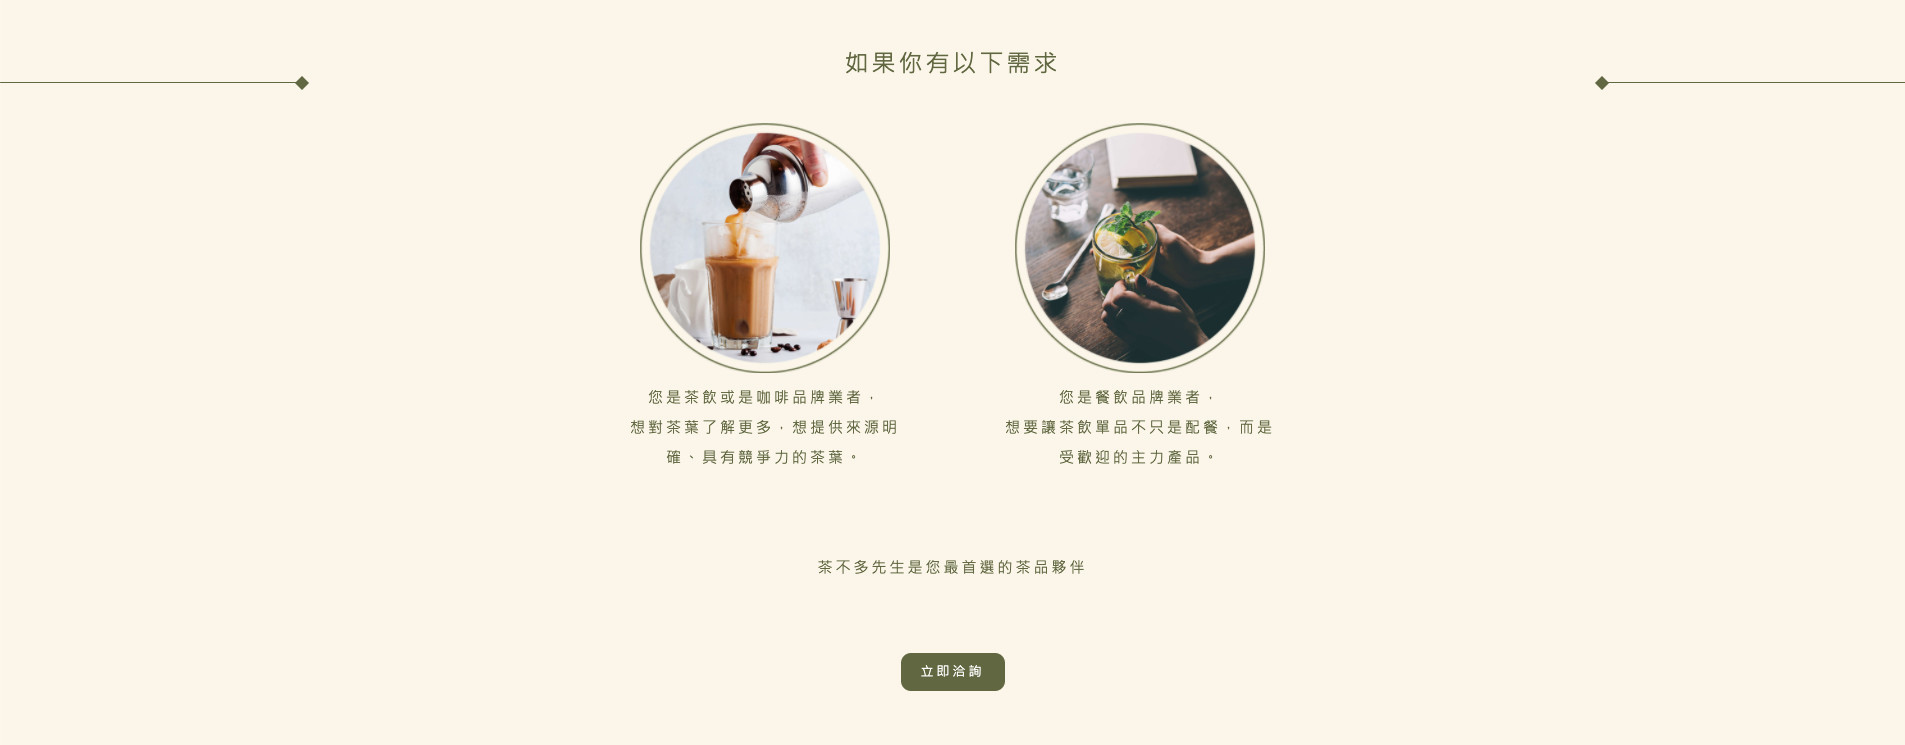 茶不多先生客製化網站設計目標客戶-鯊客科技SEO優化網站設計公司